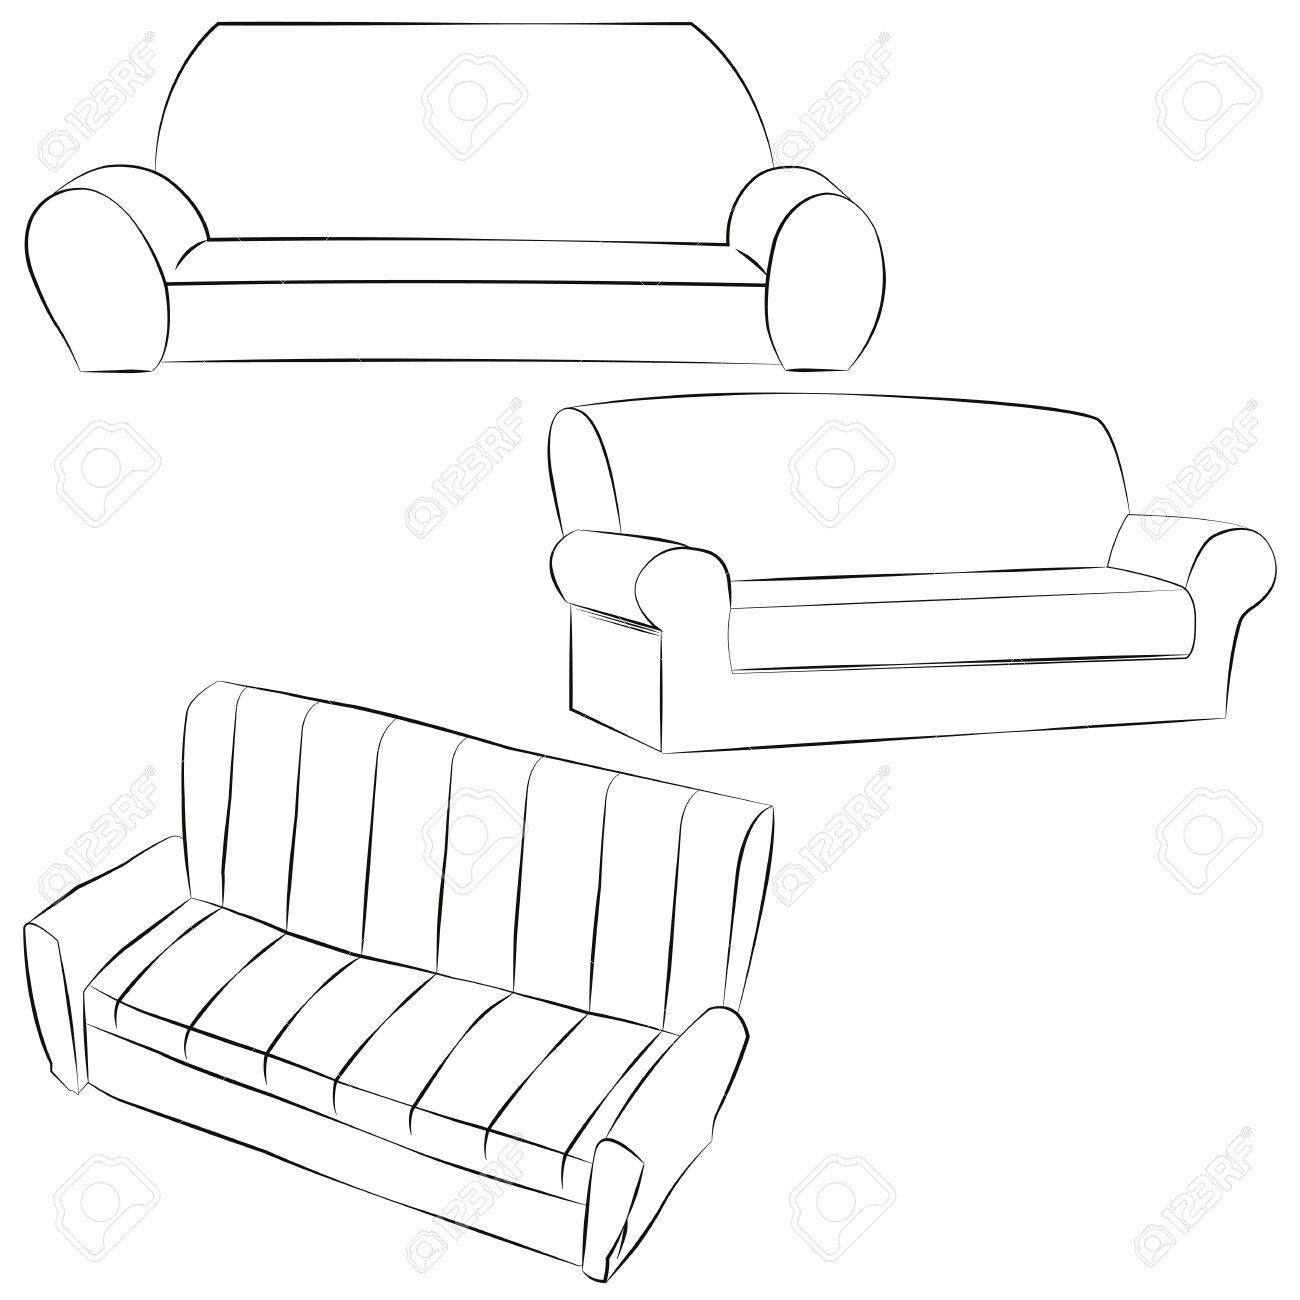 canapé. dessin à main levée. icône en noir et blanc illustration